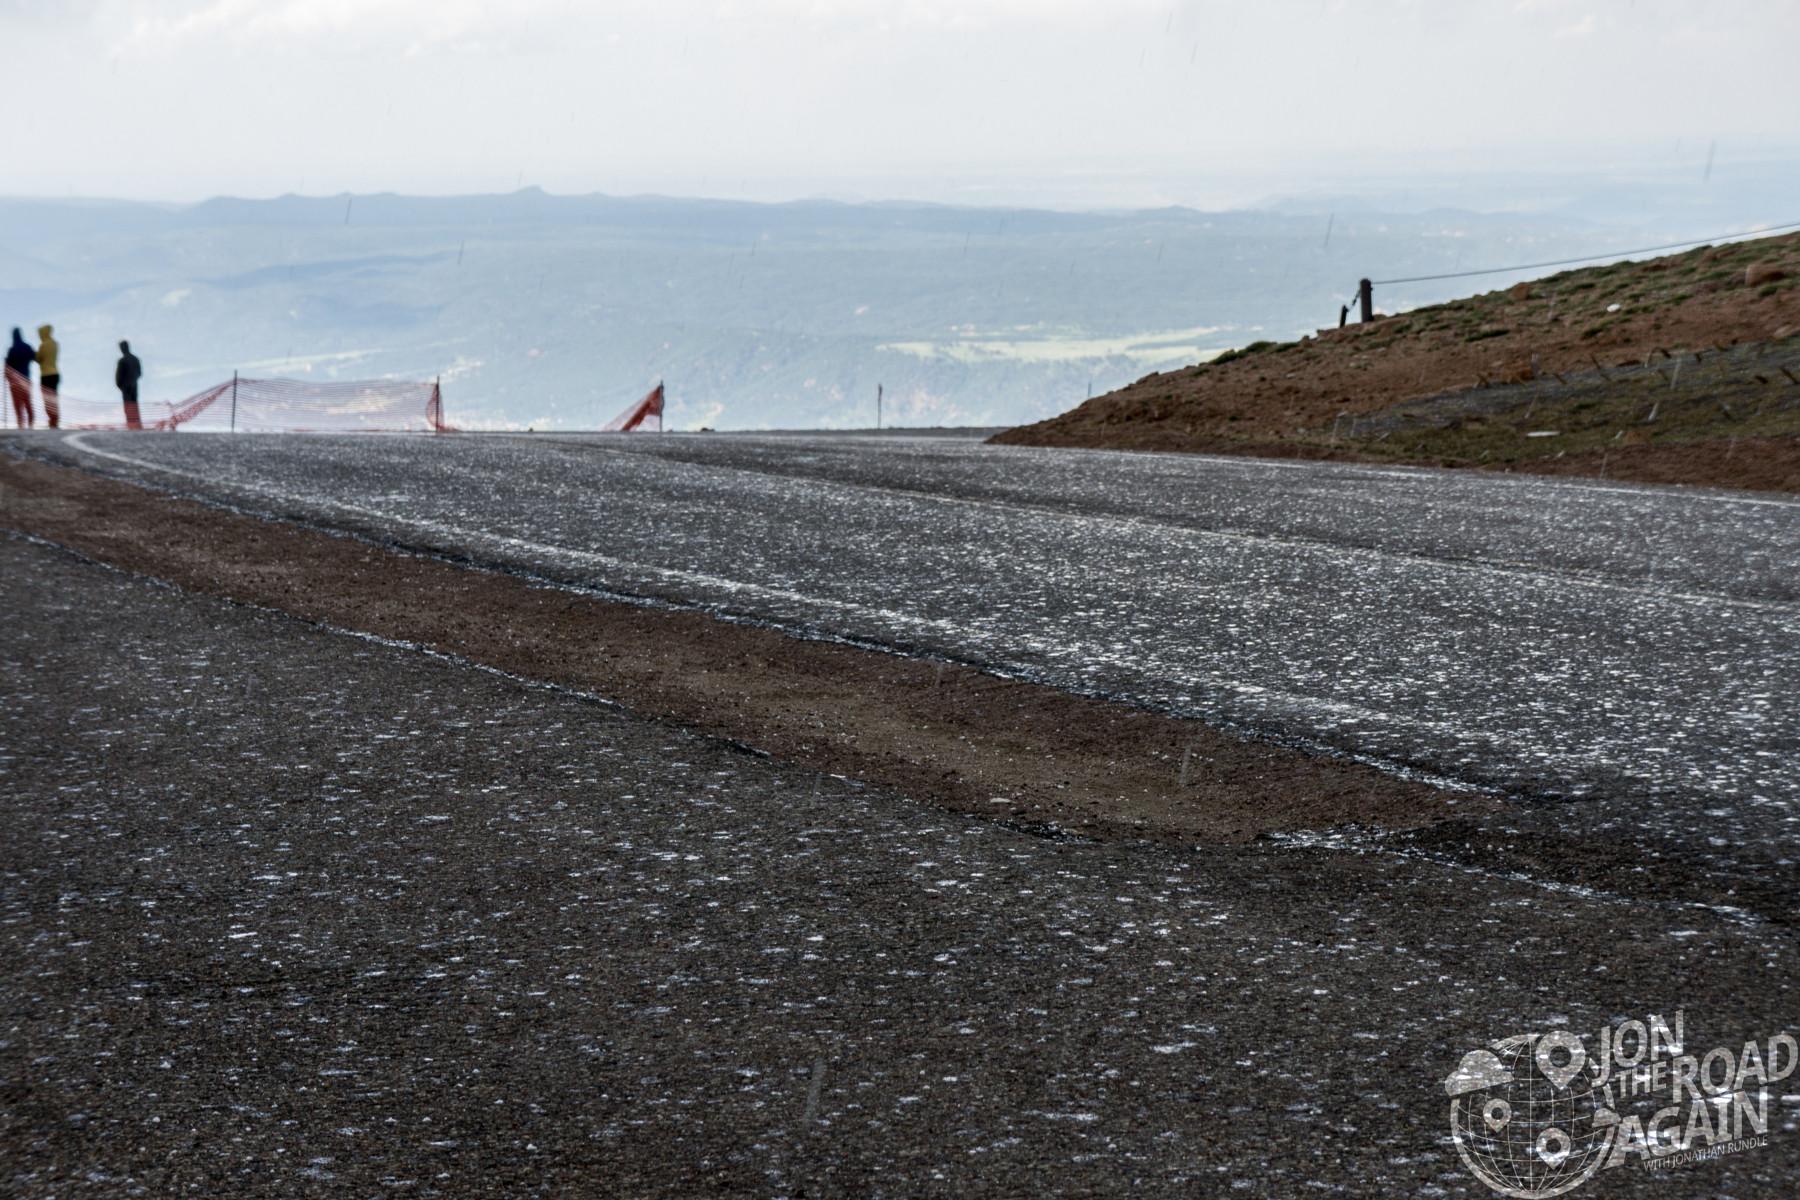 Pikes Peak Hail